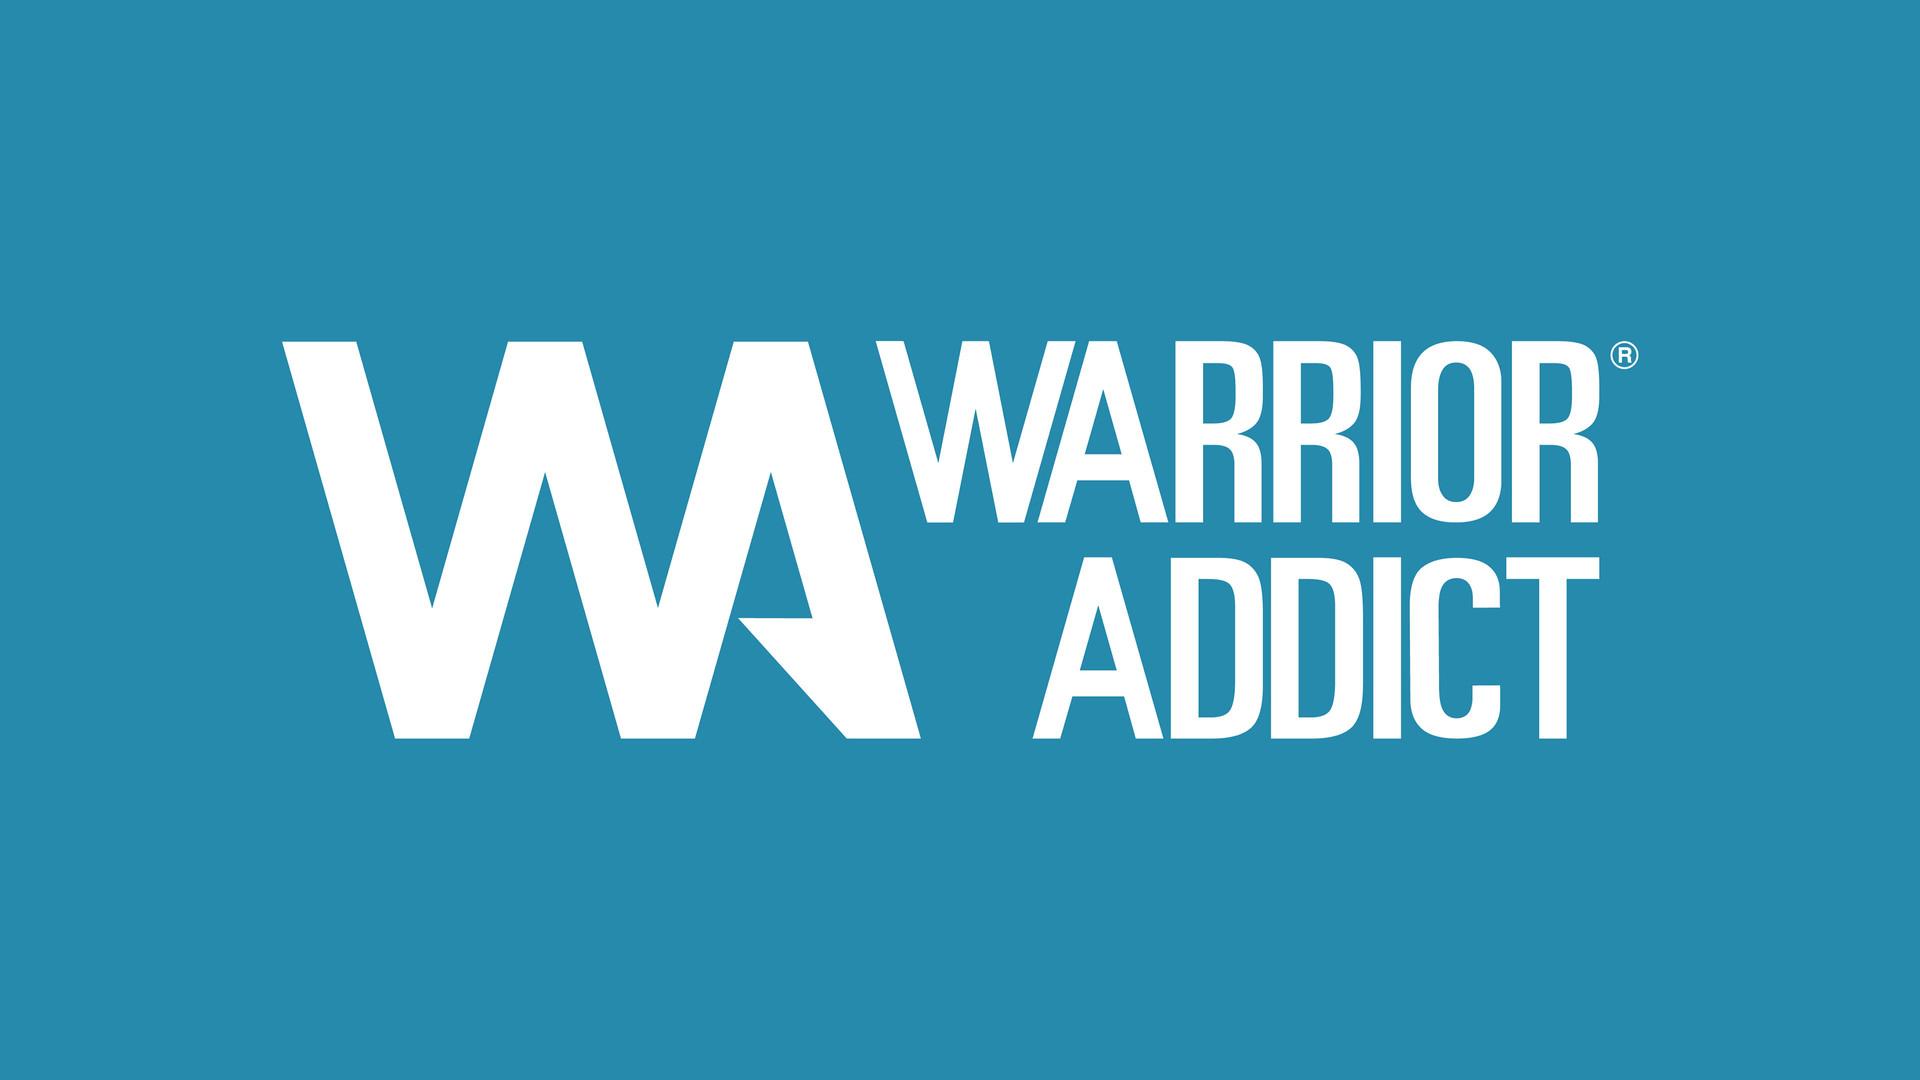 4K Gallery QWarrior Addict_0013_WA-Ident